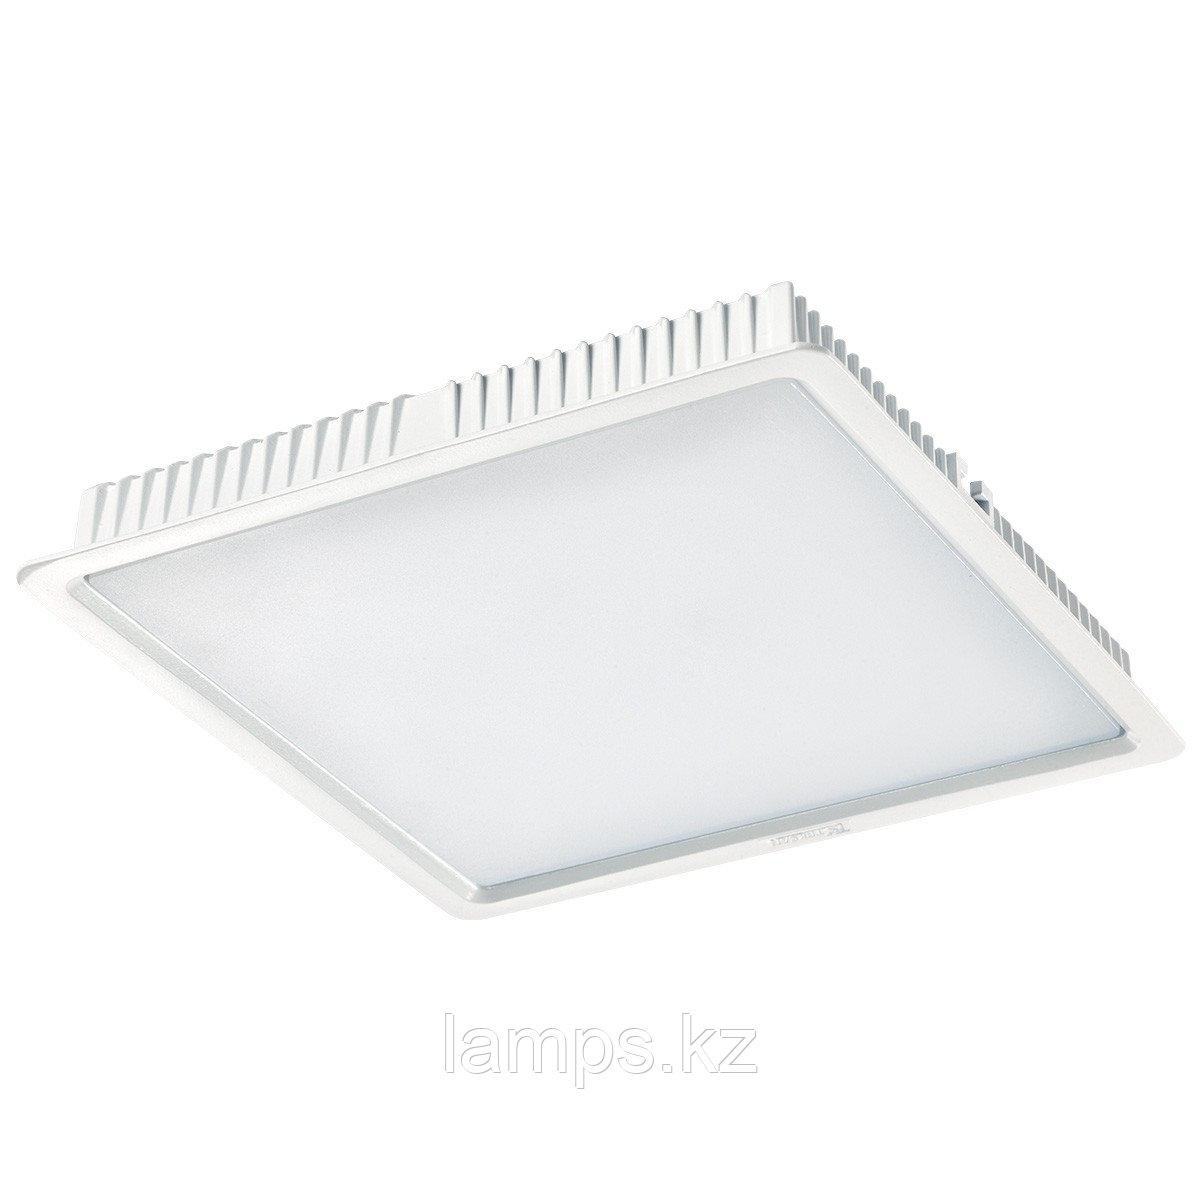 Светильник встраиваемый светодиодный квадратный белый потолочный LED SQ Panel 30W 3000K